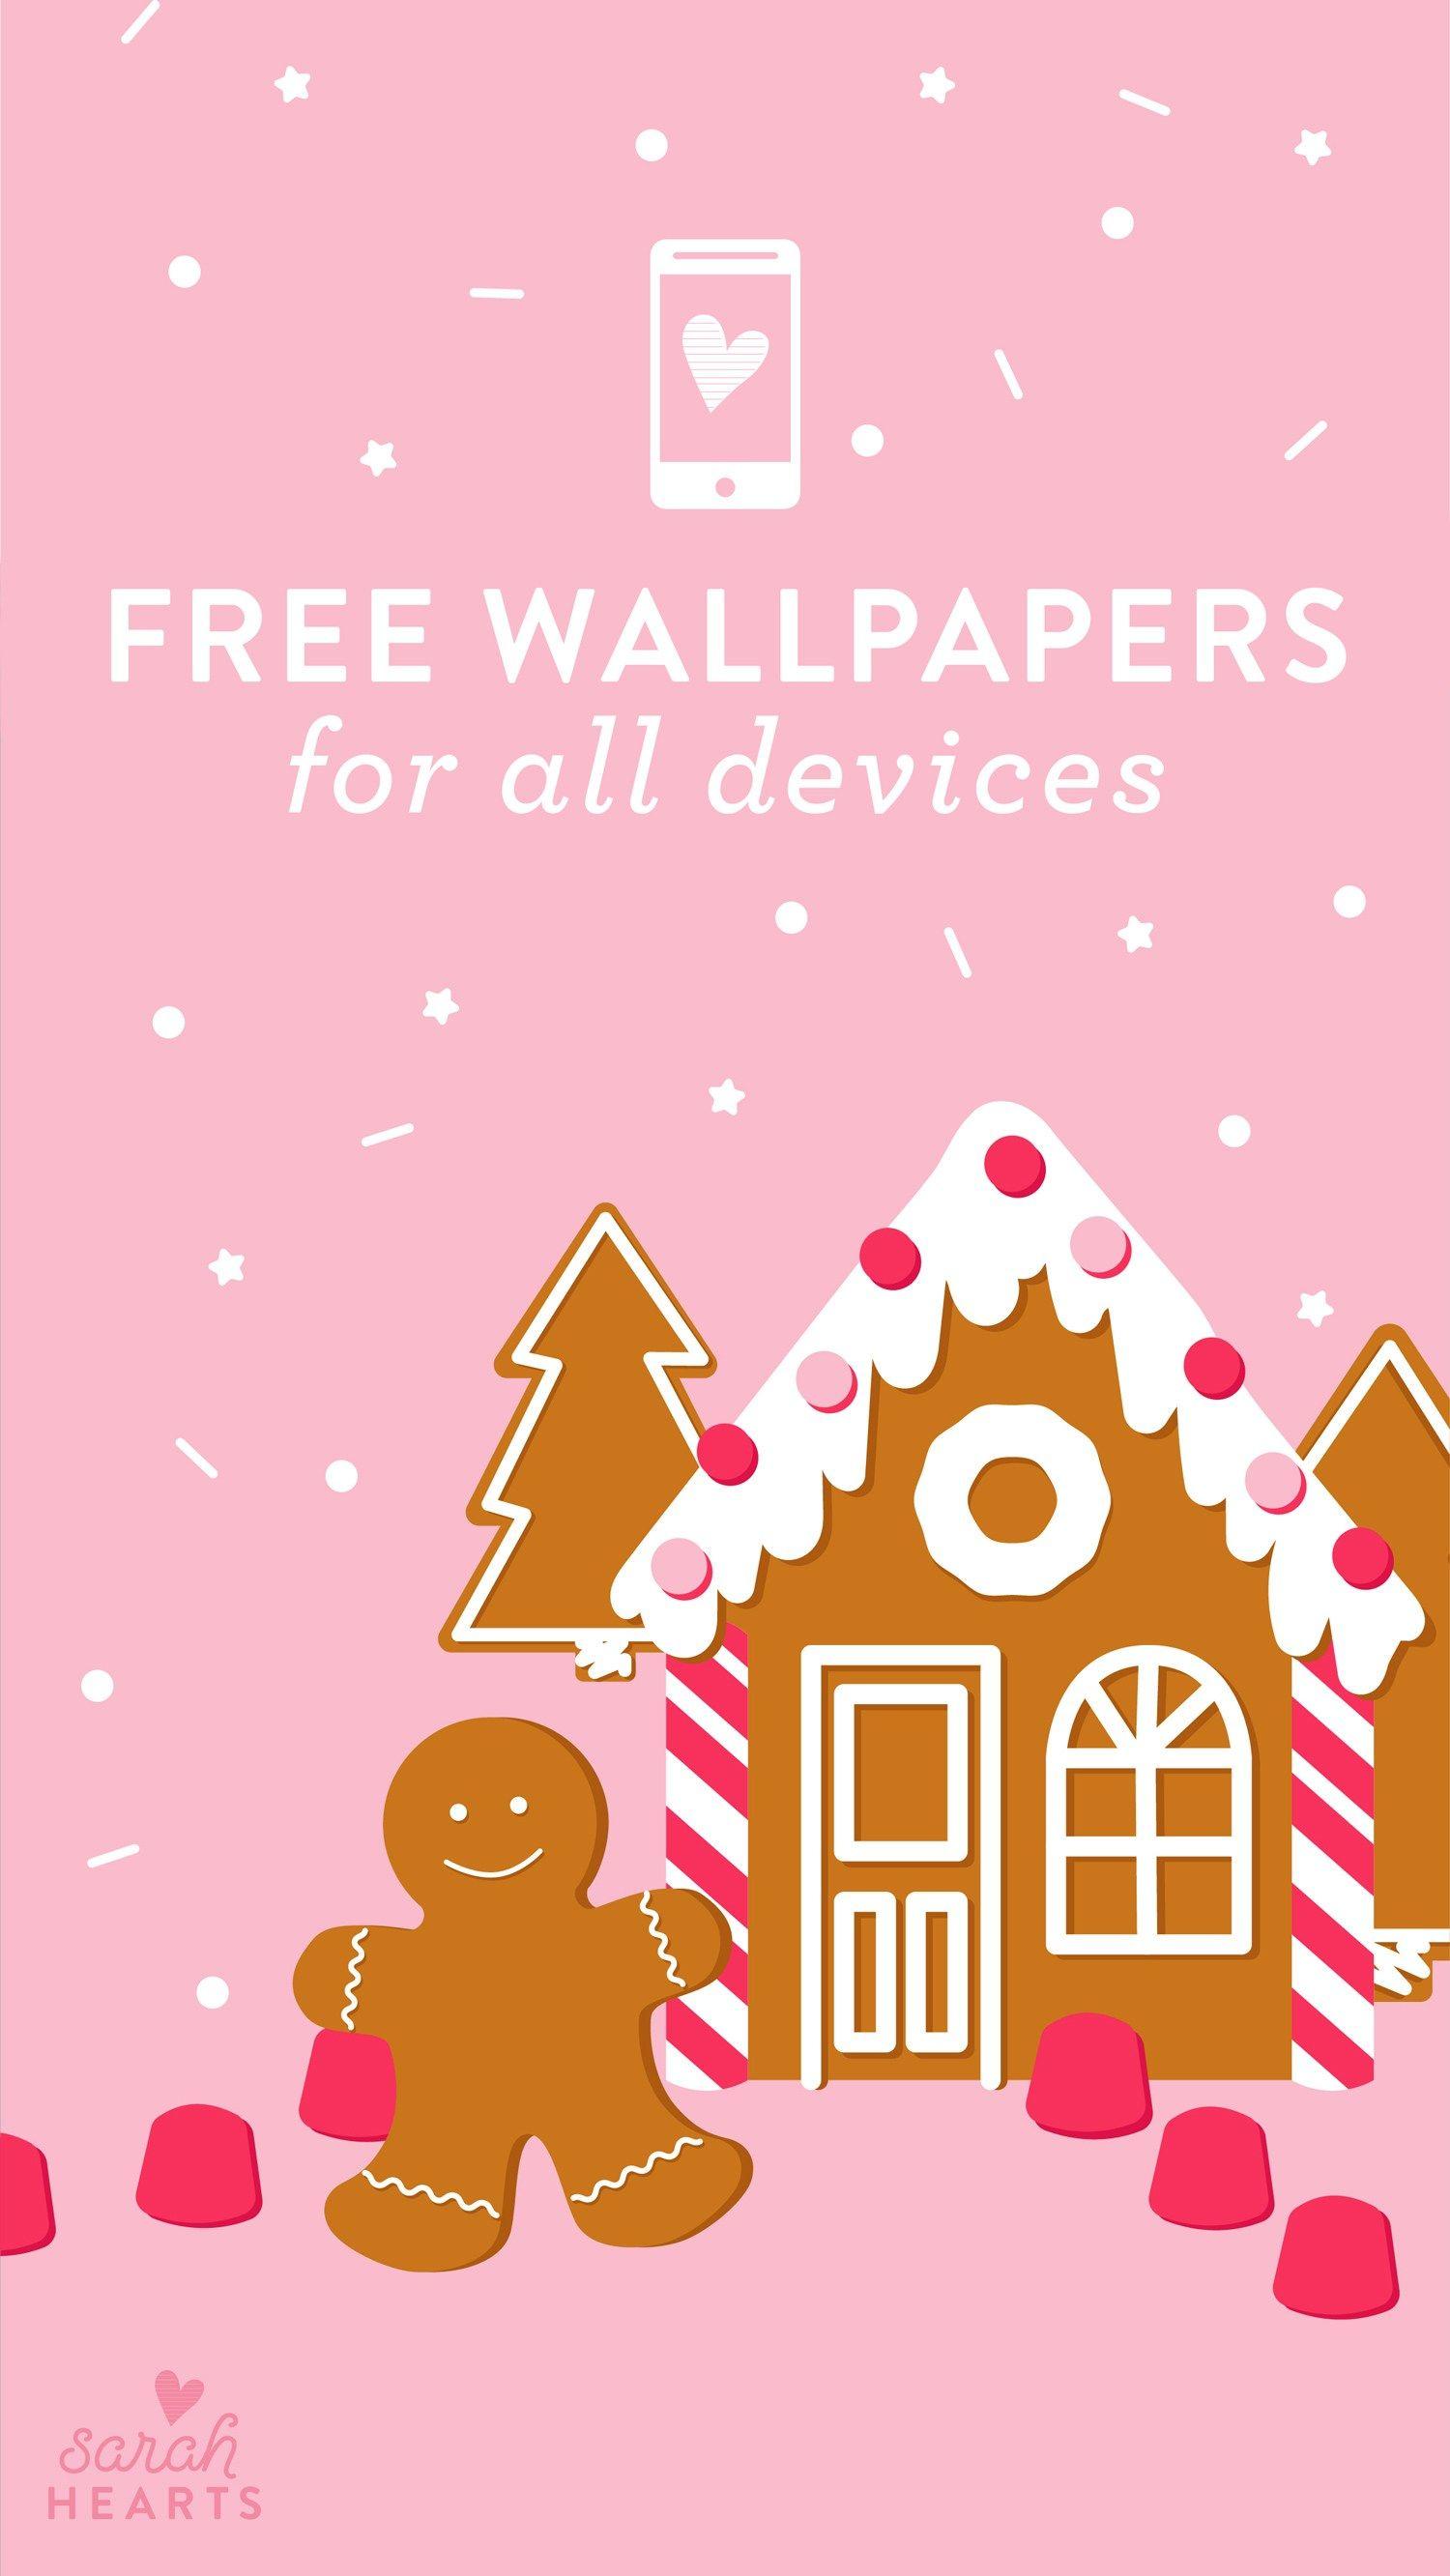 December 2018 Gingerbread House Calendar Wallpaper - Calendar Wallpaper December 2018 , HD Wallpaper & Backgrounds